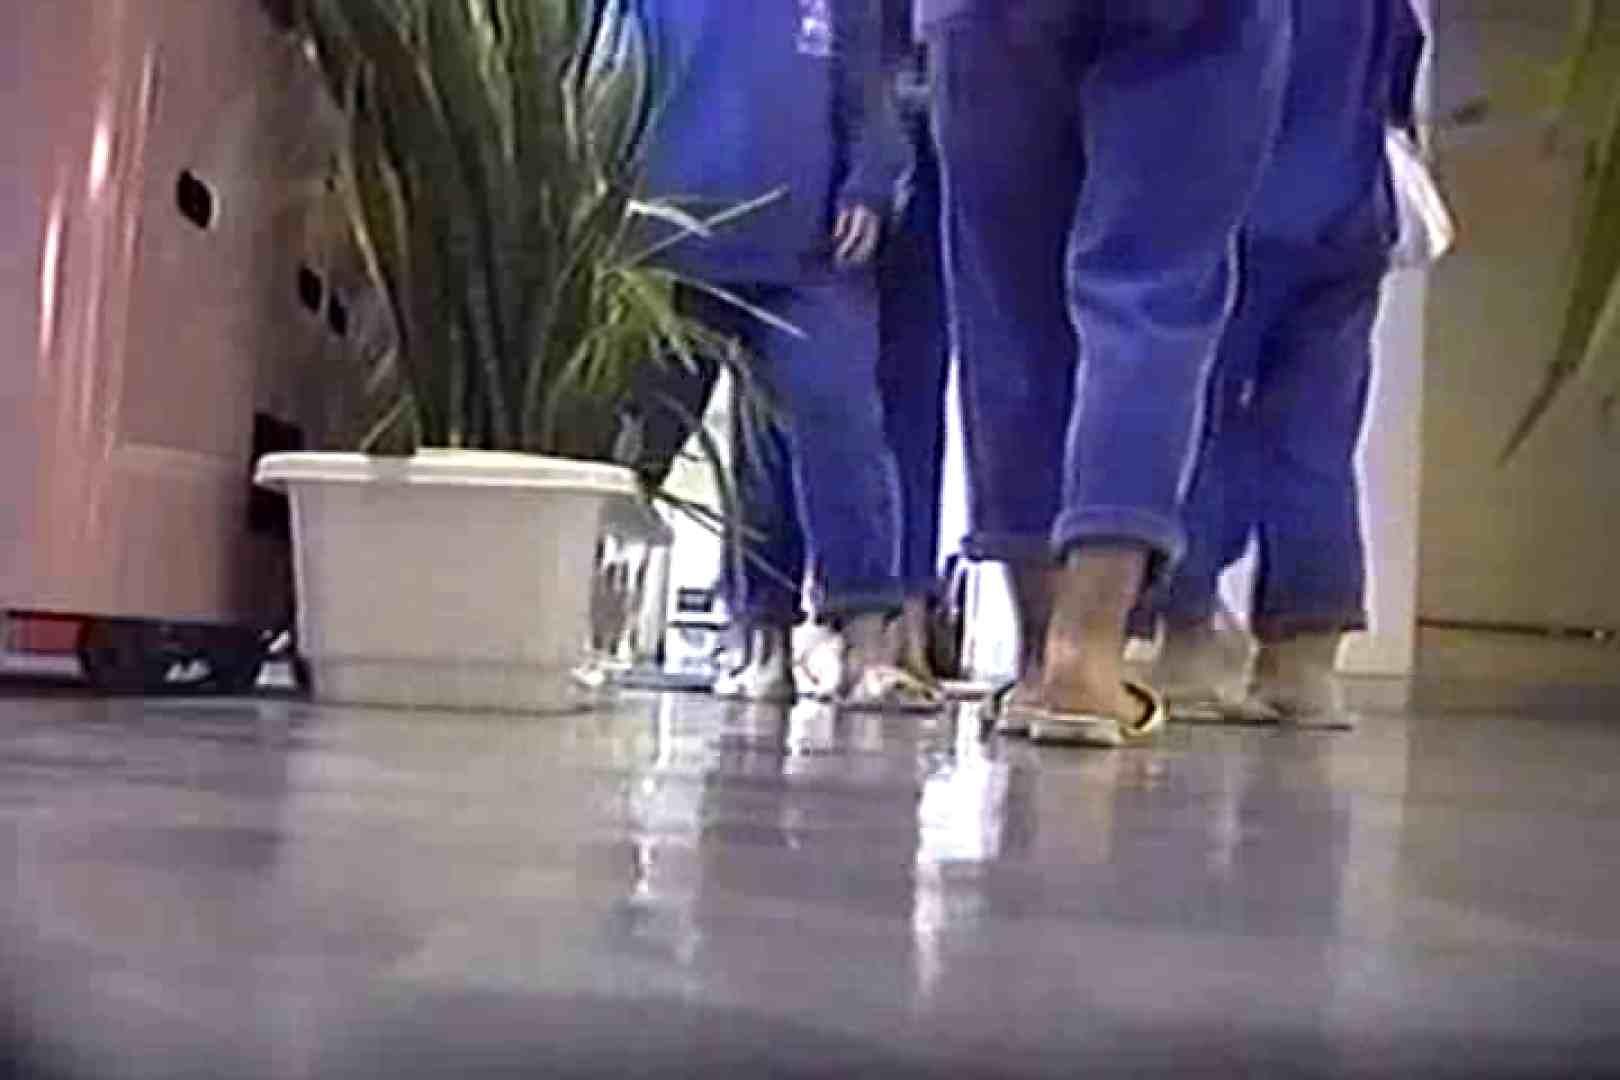 (9月21日配信停止)超・痴覚の眼 修学旅行TNK-09 脱衣所 のぞき濡れ場動画紹介 93連発 19